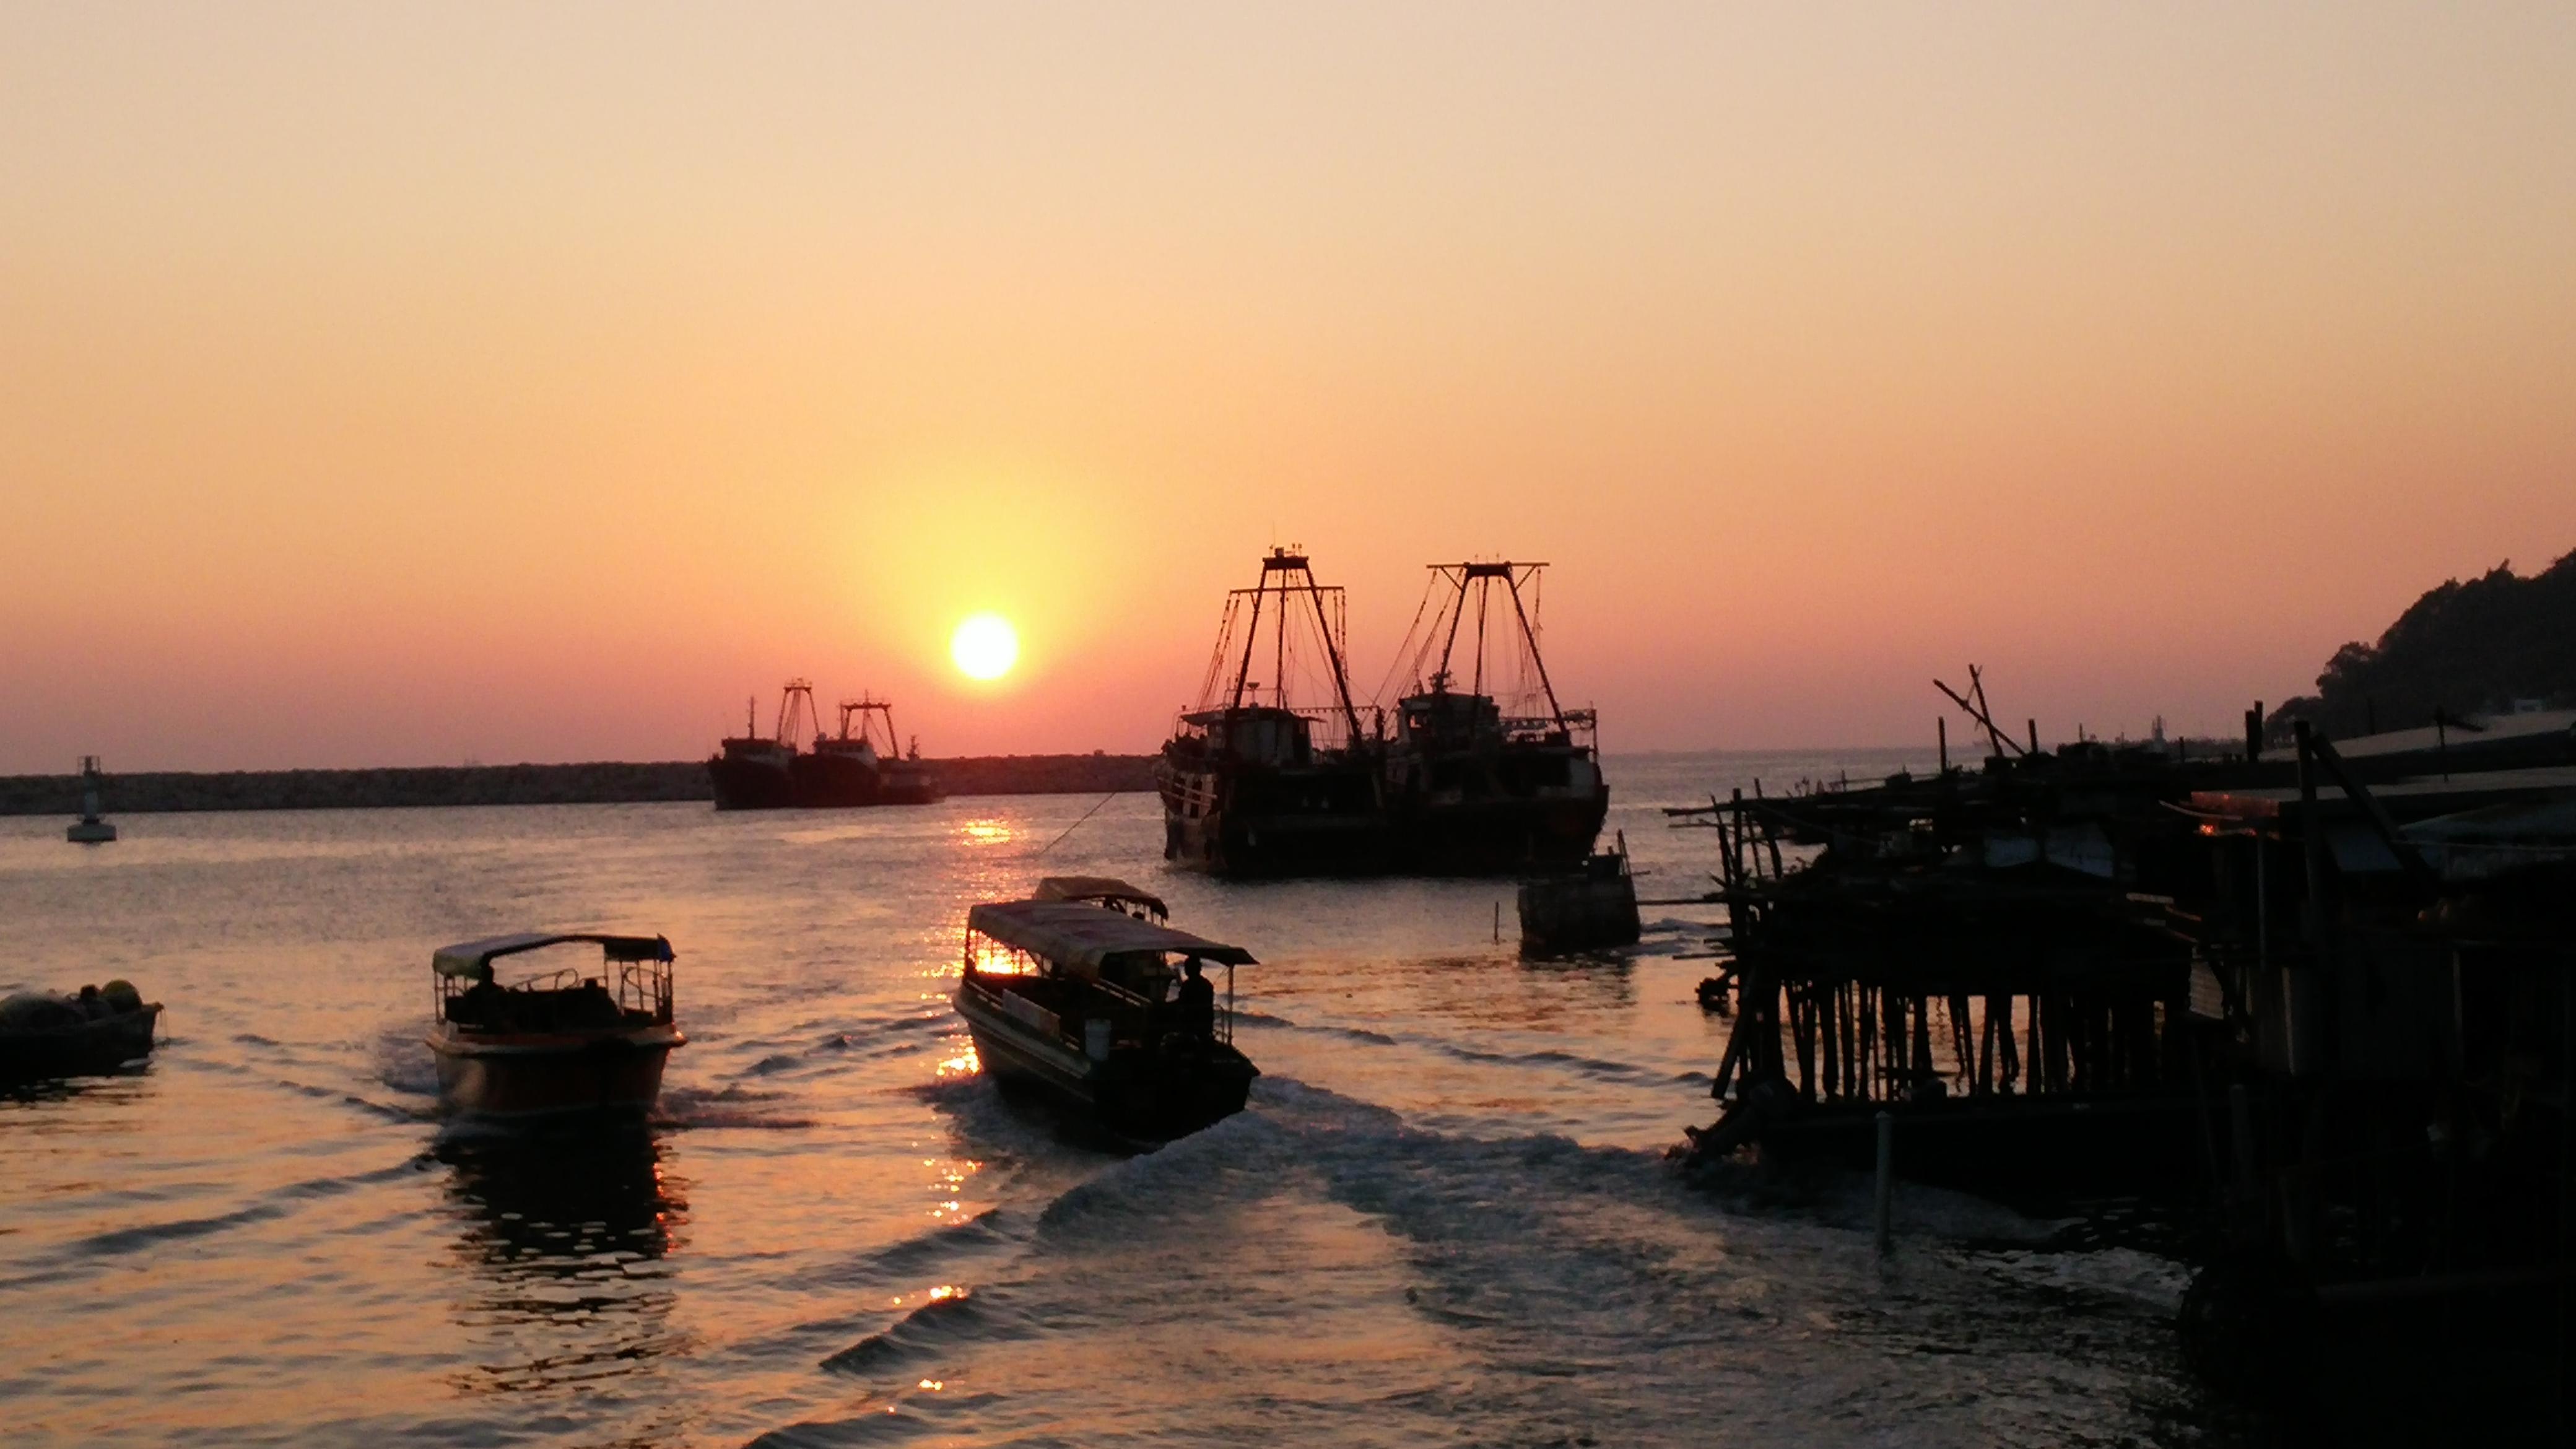 sunset, fishing boats, fast boats, stilt houses, stream